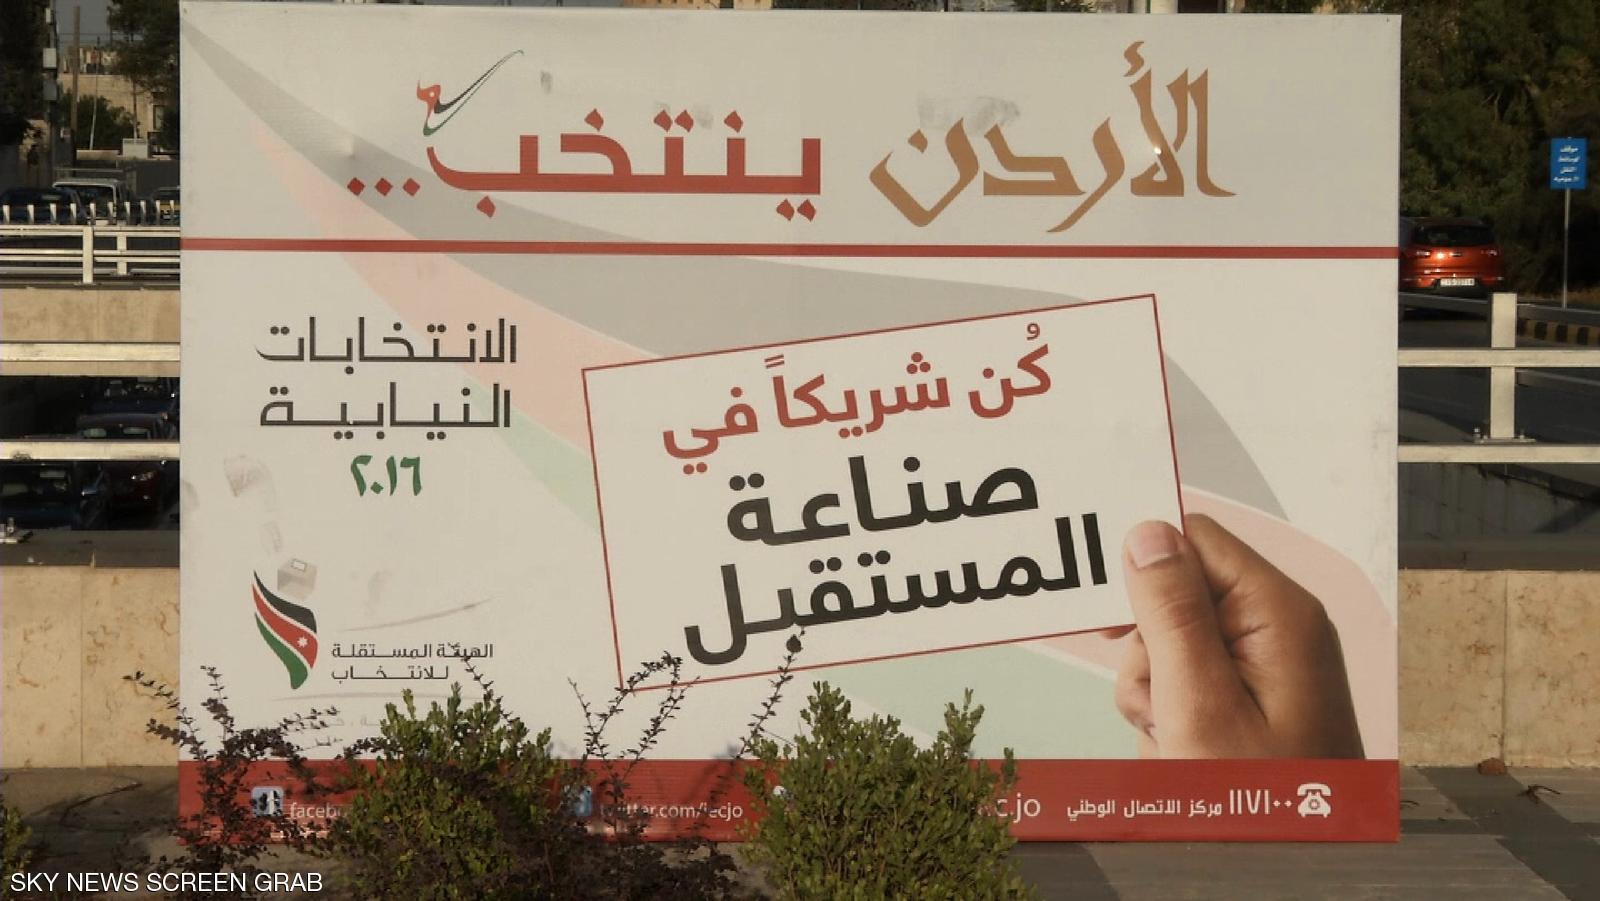 المجلس الوطني لحقوق الإنسان يشارك في ملاحظة الانتخابات التشريعية بالأردن